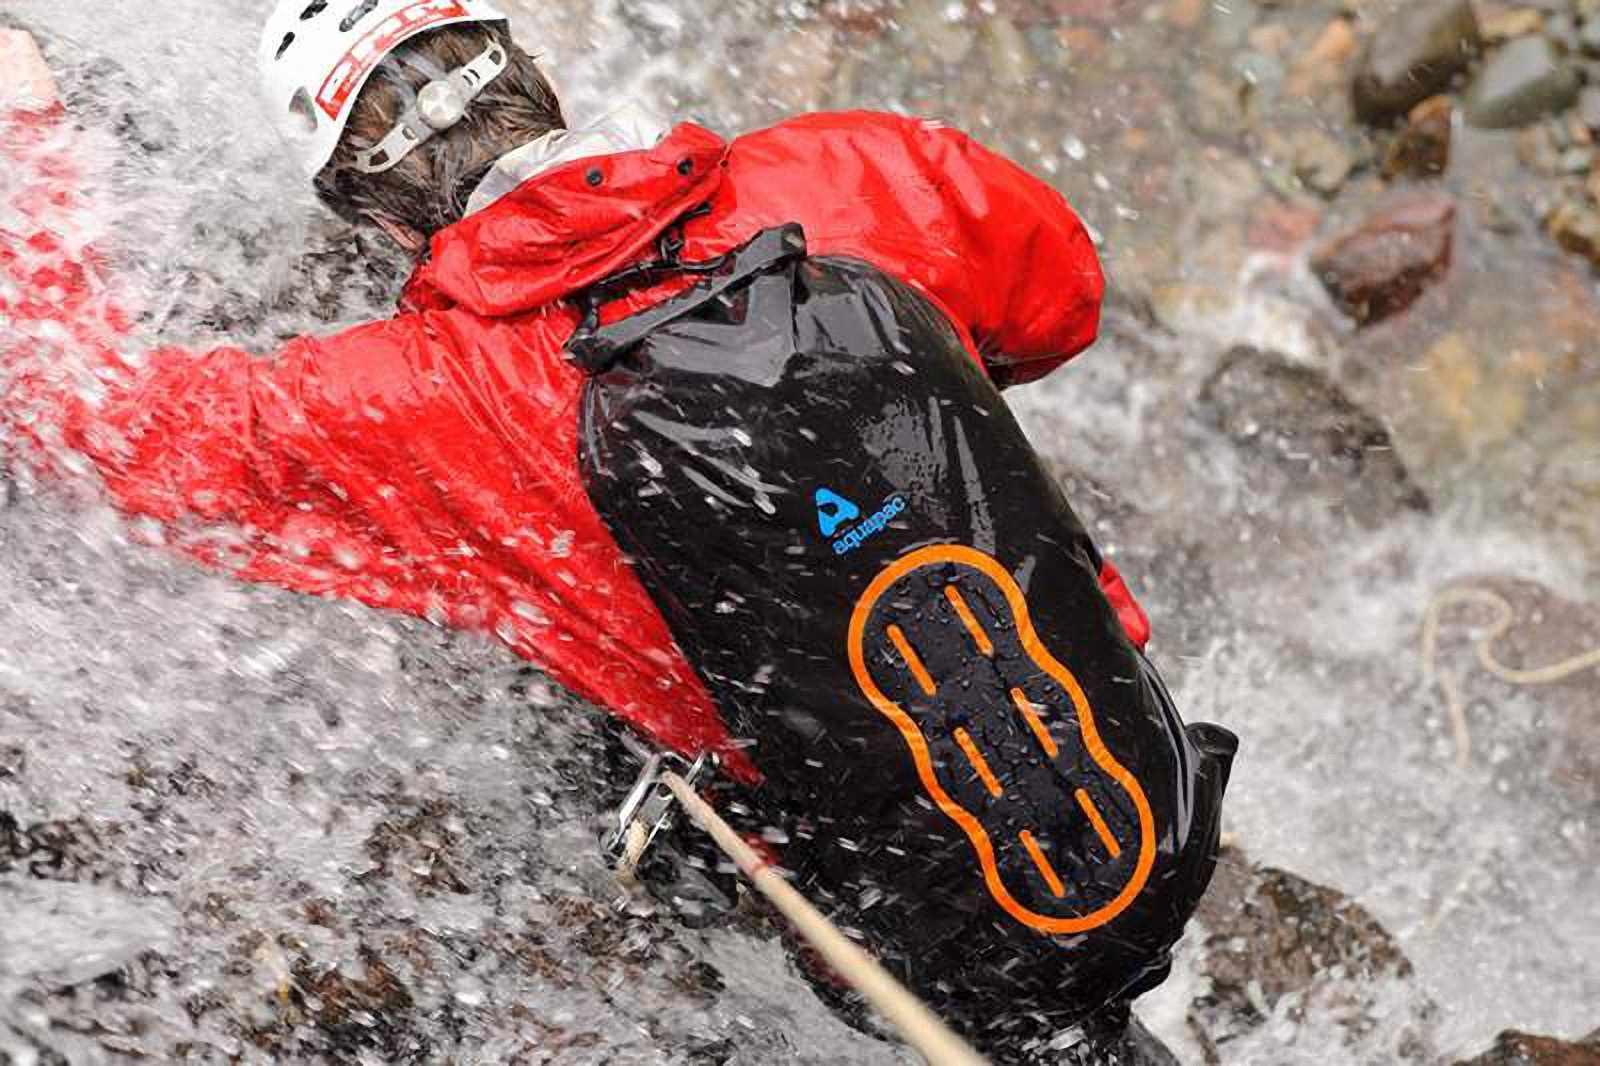 Водонепроницаемый  гермомешок-рюкзак (с двумя плечевыми ремнями) Aquapac 755 - Noatak Wet & Drybag - 35L.. Aquapac - №1 в мире водонепроницаемых чехлов и сумок. Фото 6